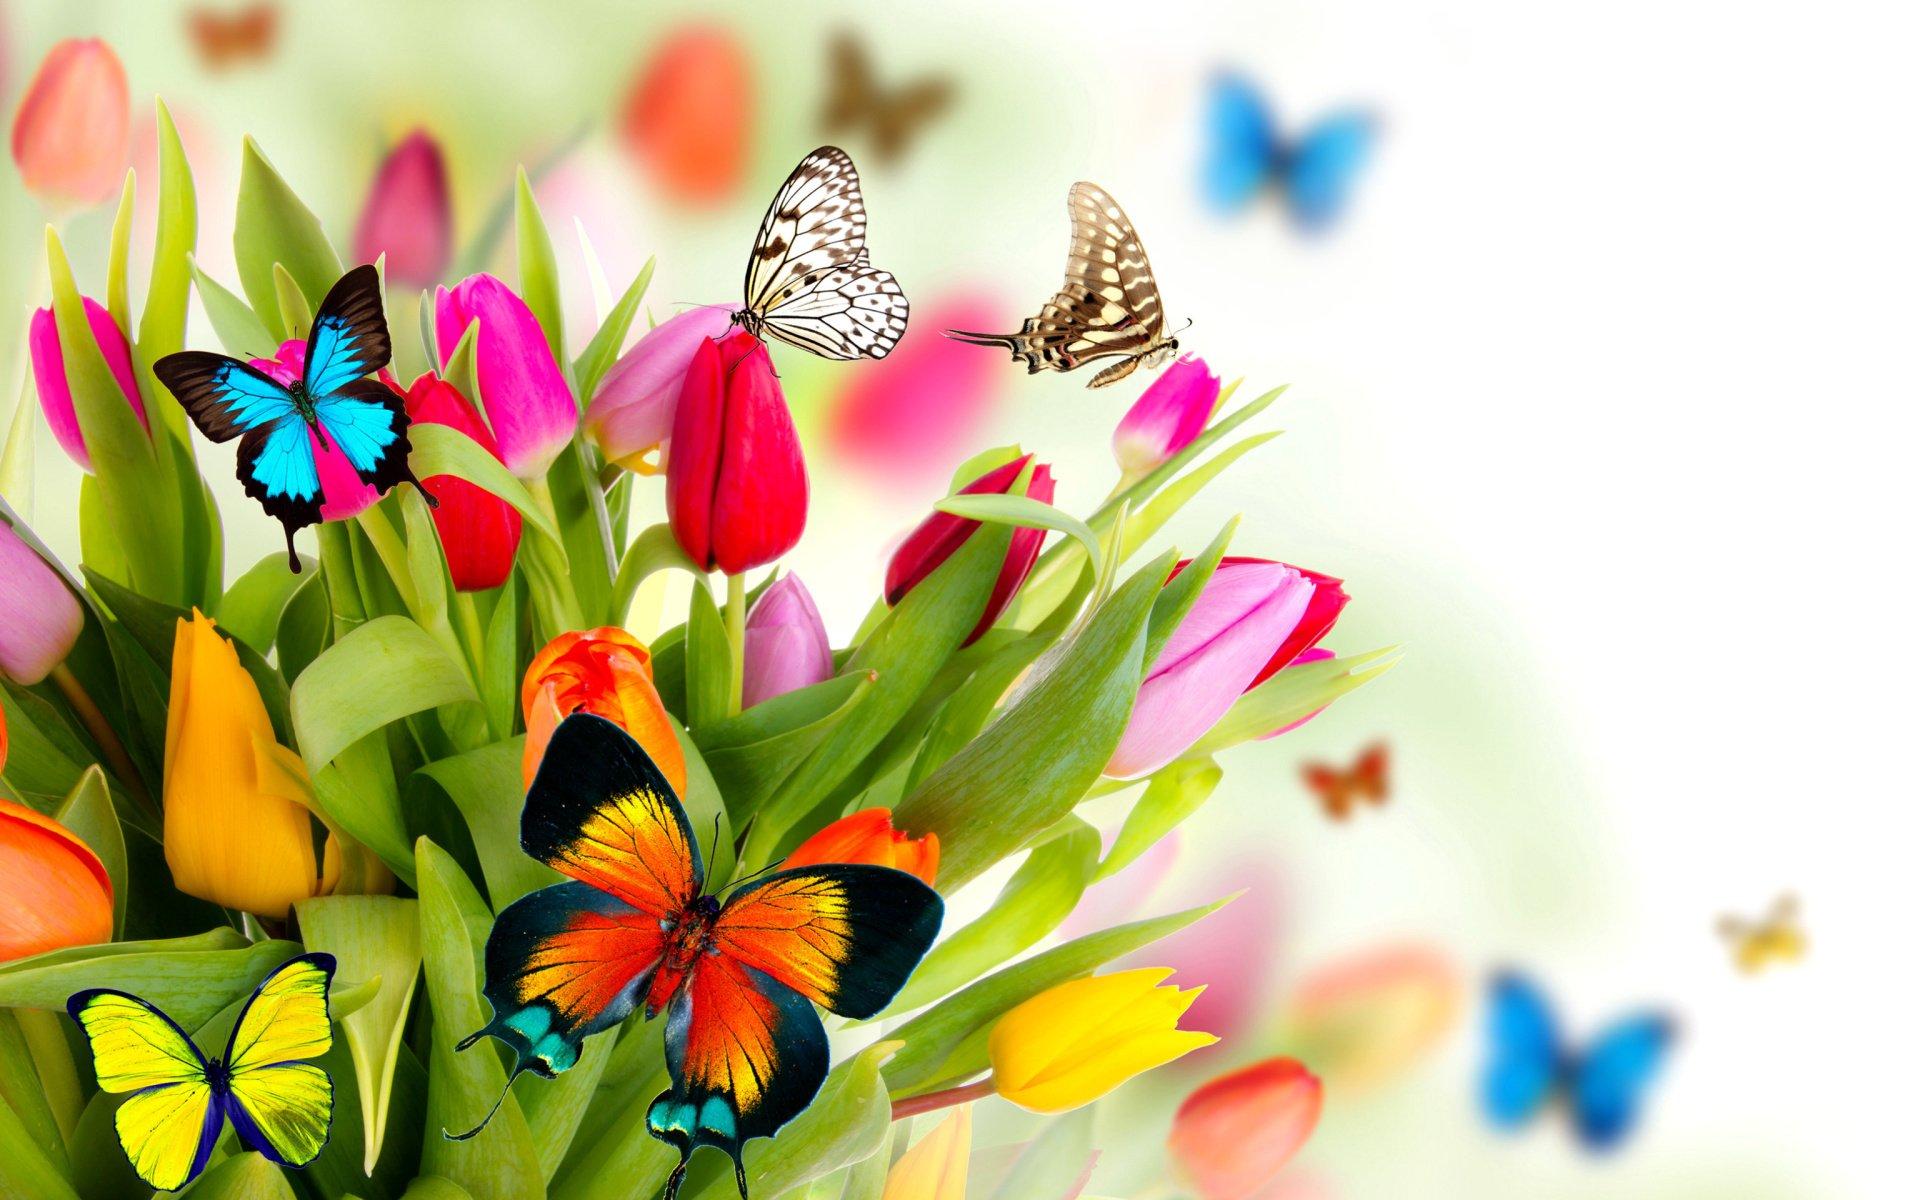 Fondos De Primavera Mariposas